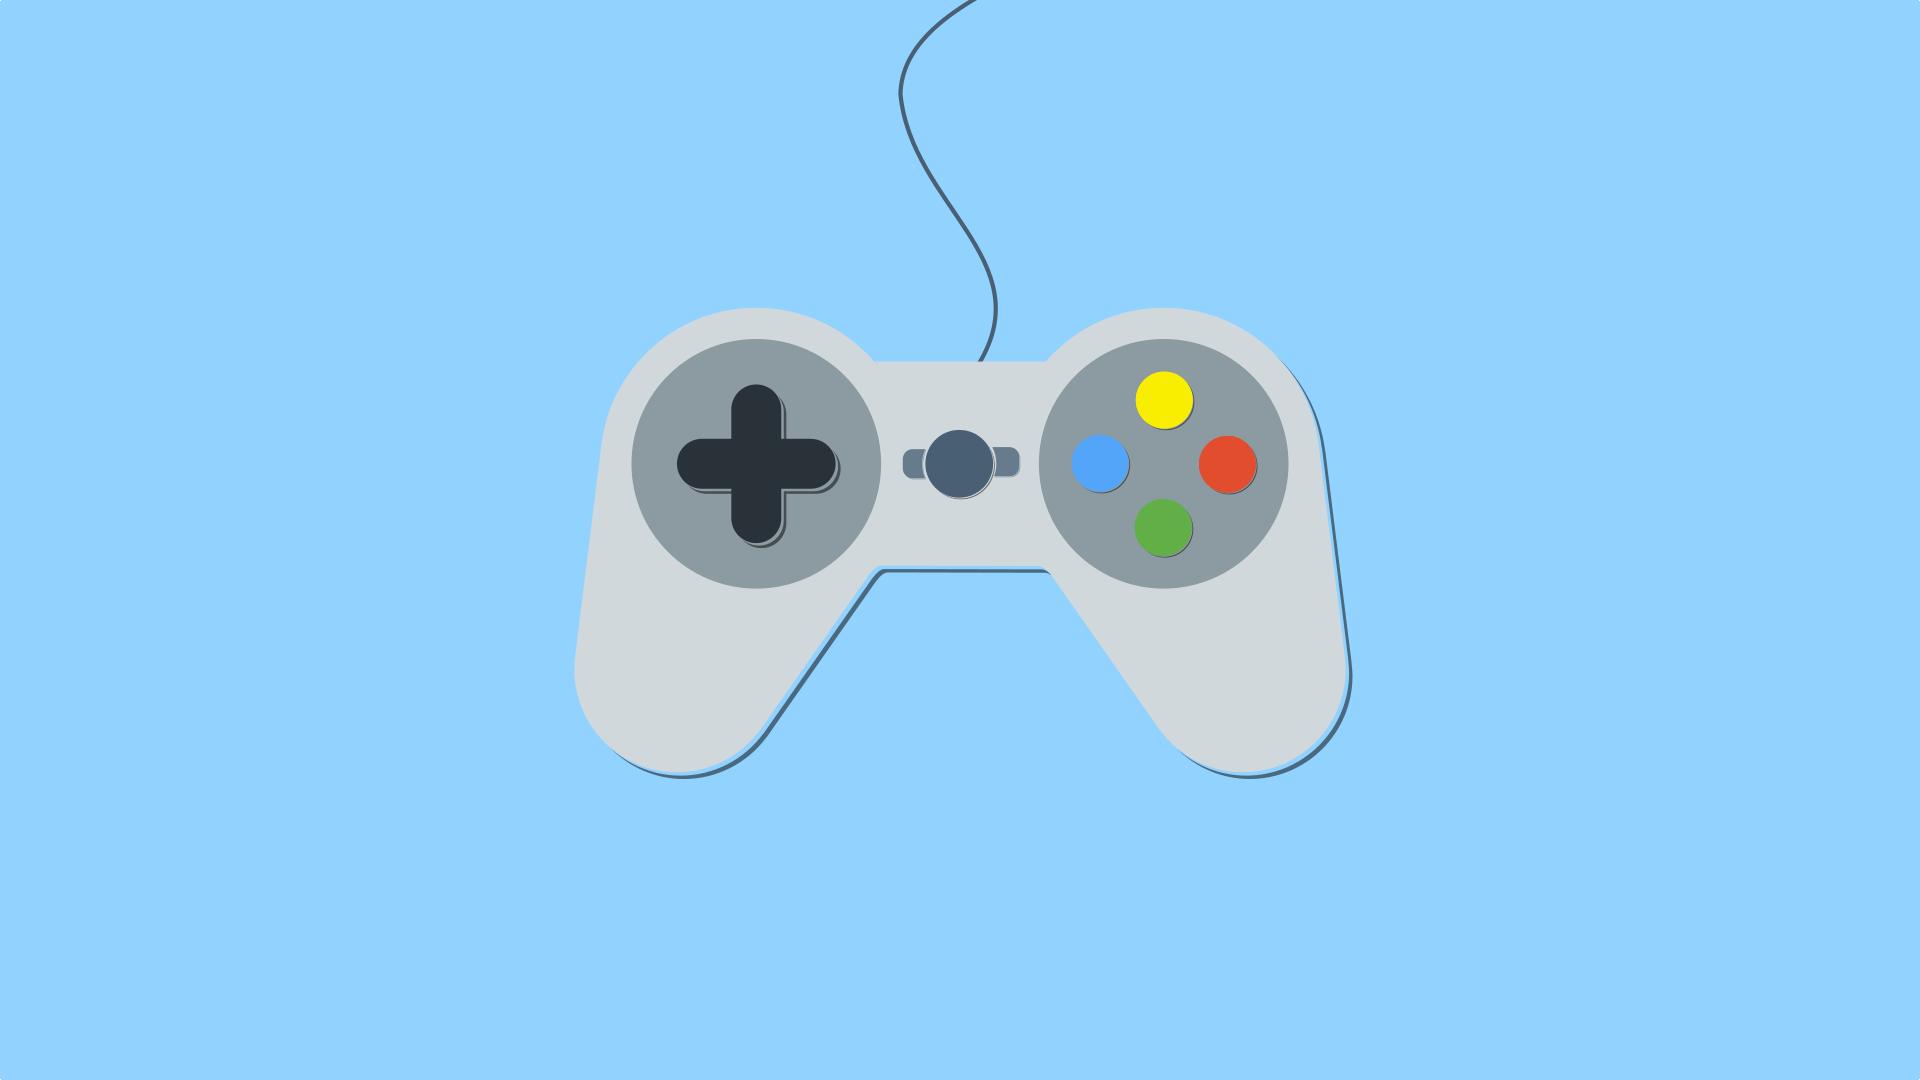 远程控制, 视频游戏, 游戏杆, 控制台, 复古 - 高清壁纸 - 教授-falken.com